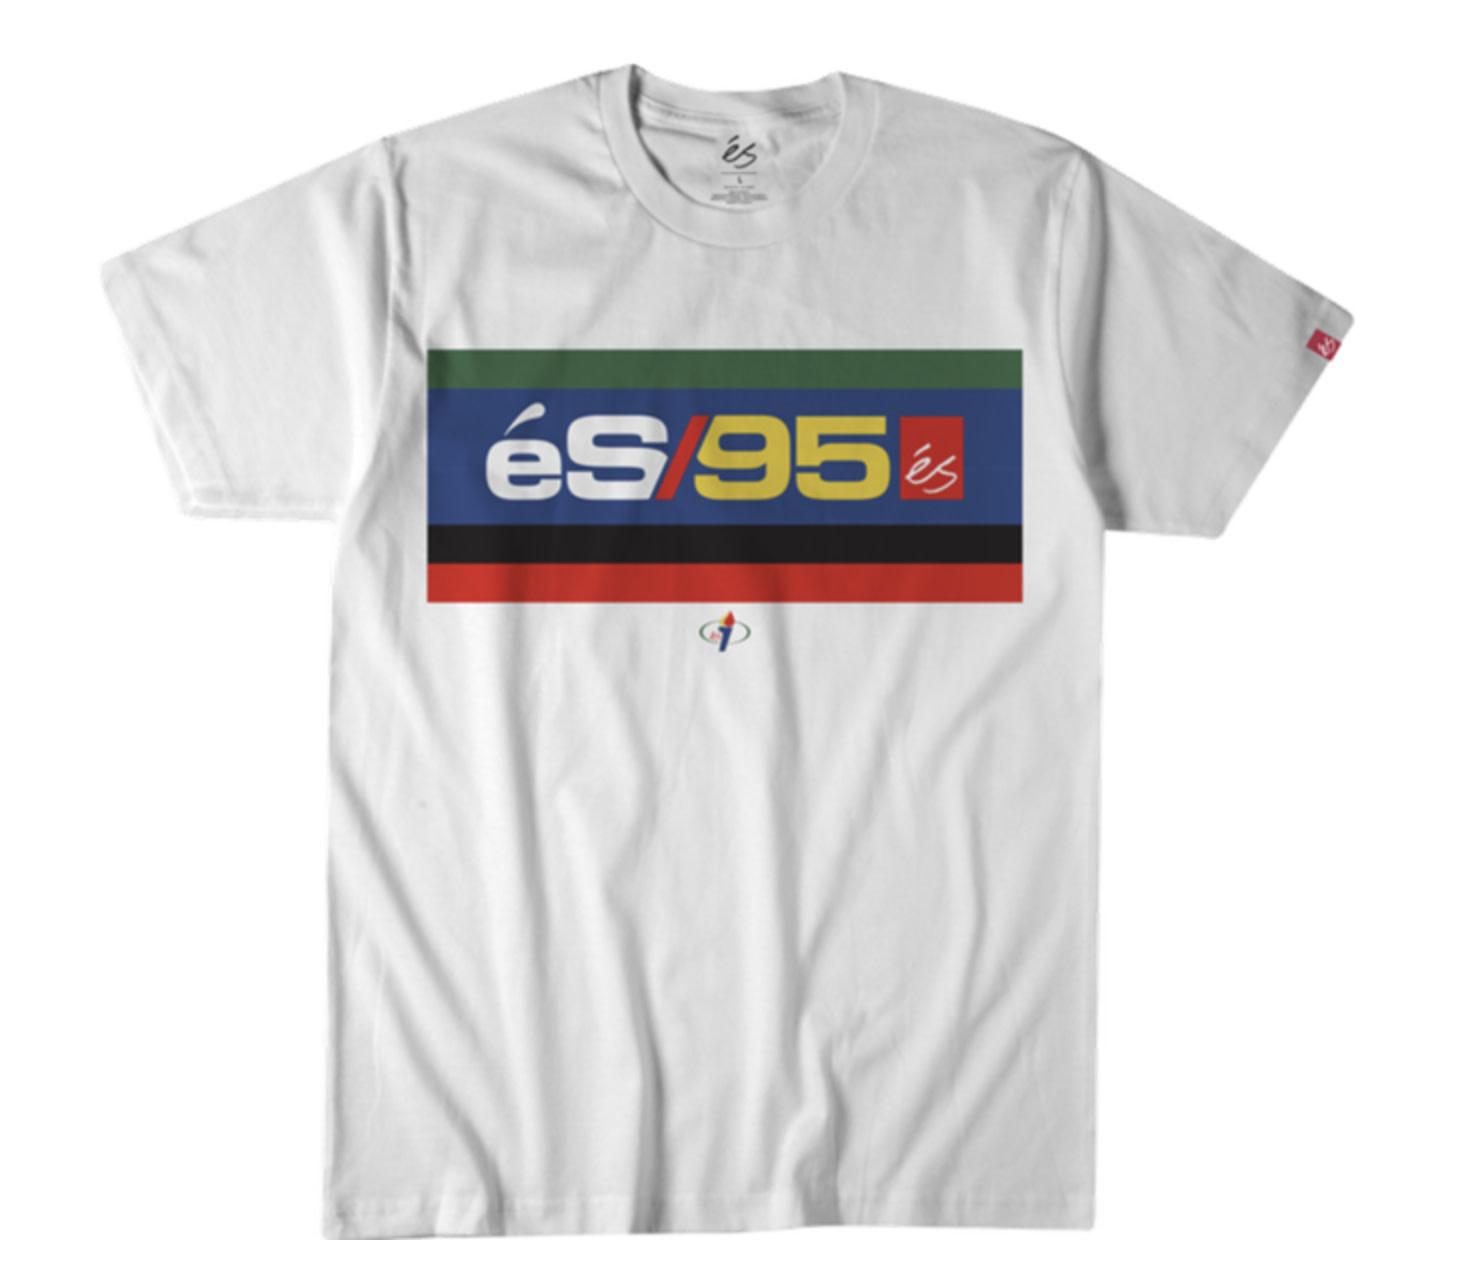 Es eS - Podium SS White